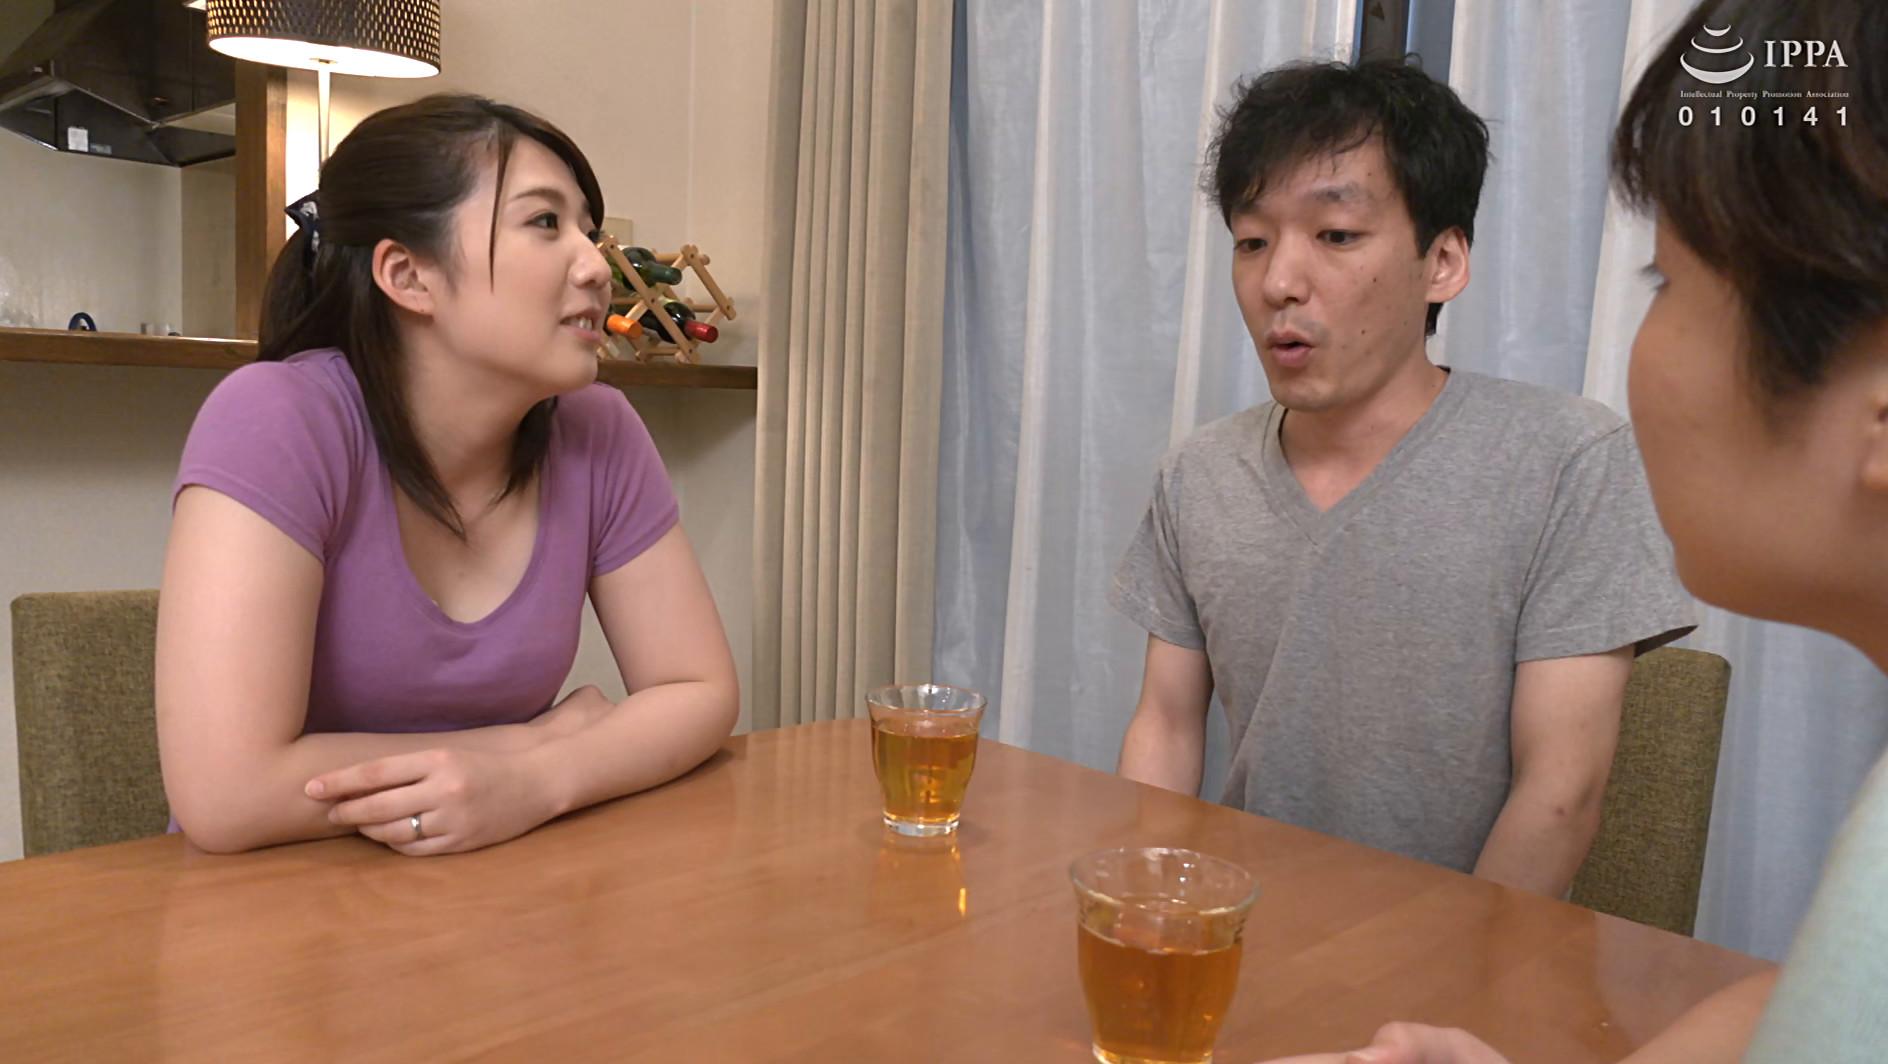 彼女の母親がエロ下着と中出しで彼氏を誘惑しはじめた 永野あかり 三十一歳 画像1